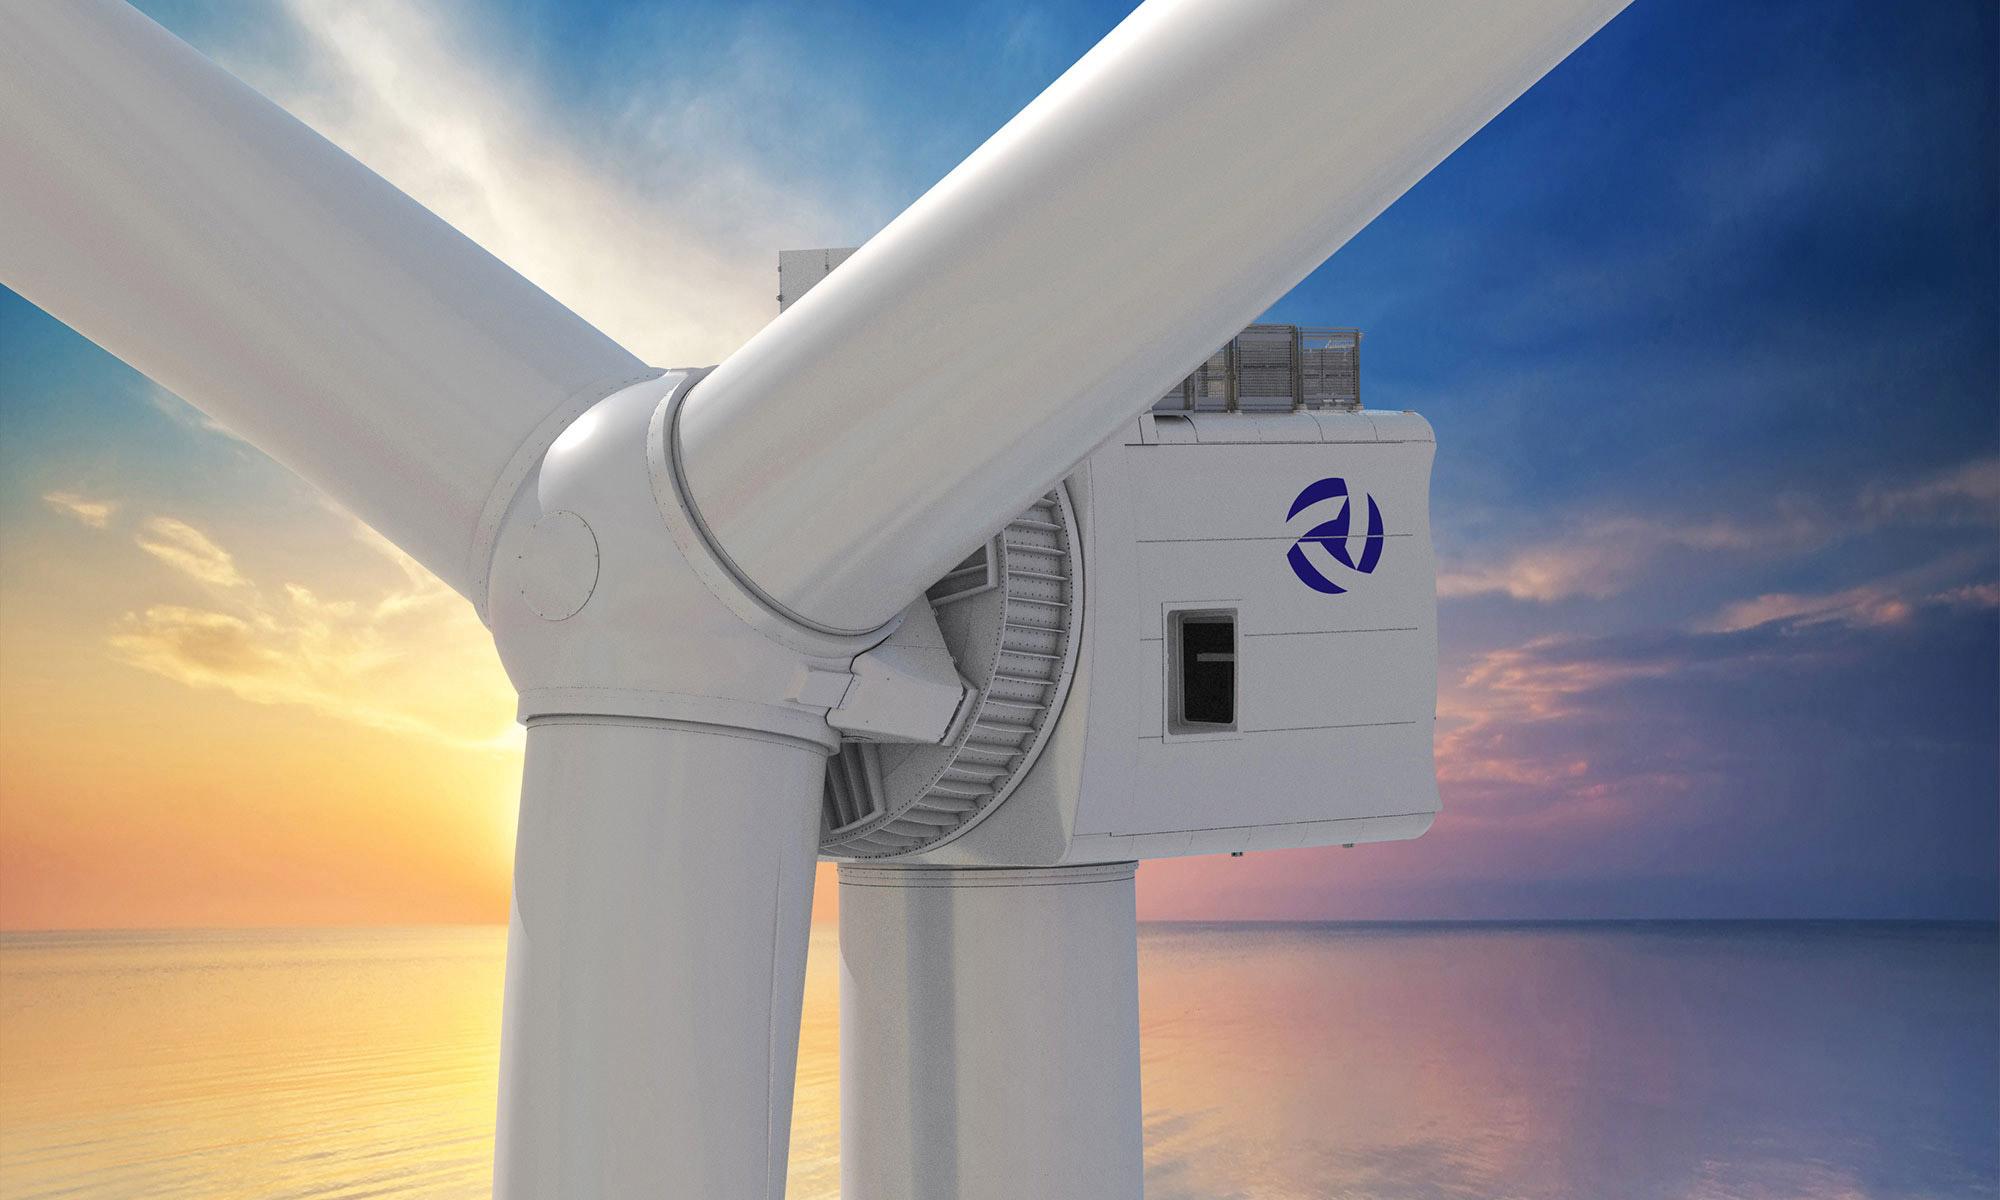 Pacifico turbine